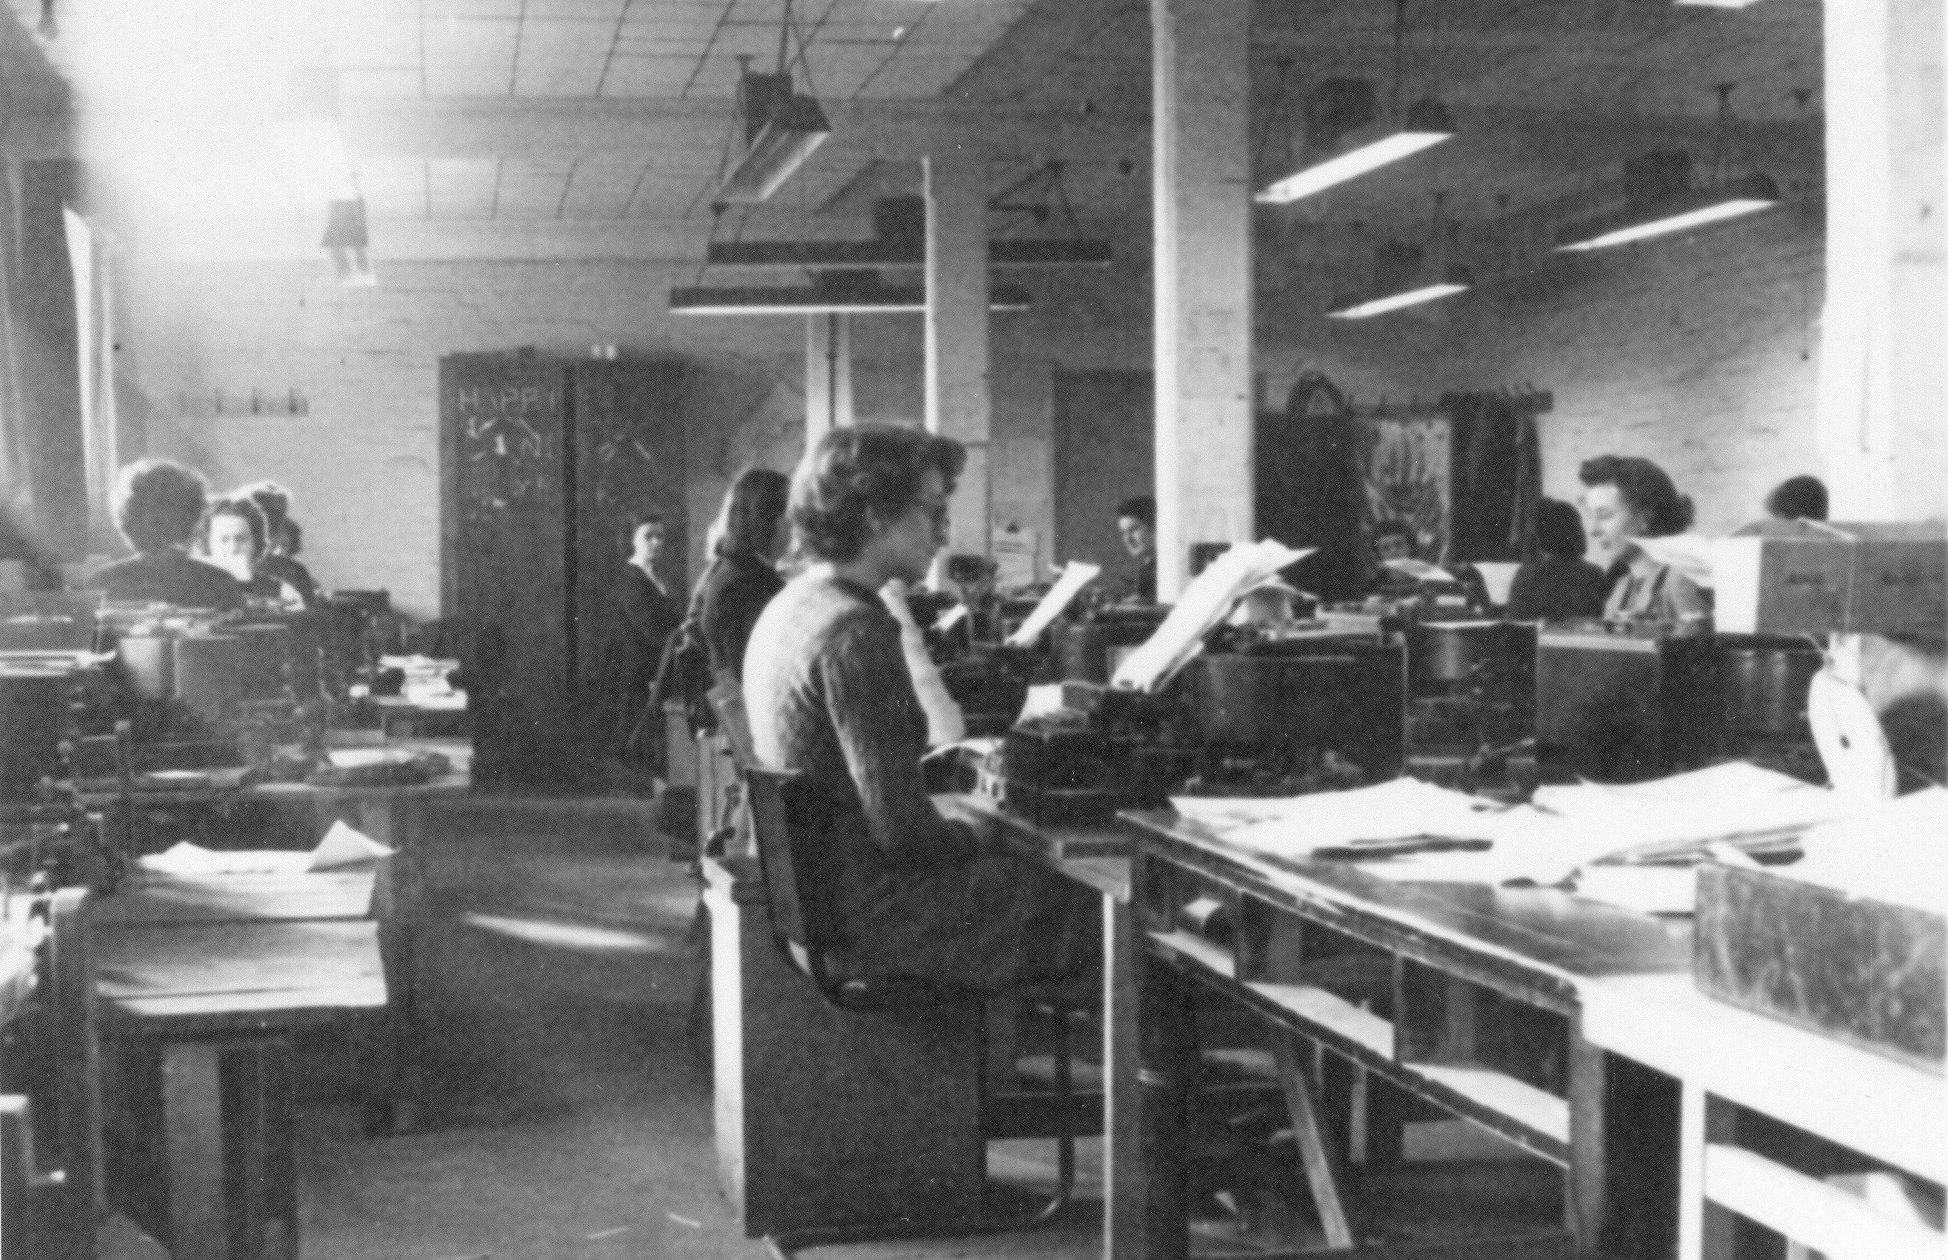 Watch Captures Spirit Of World War Ii Code Breakers